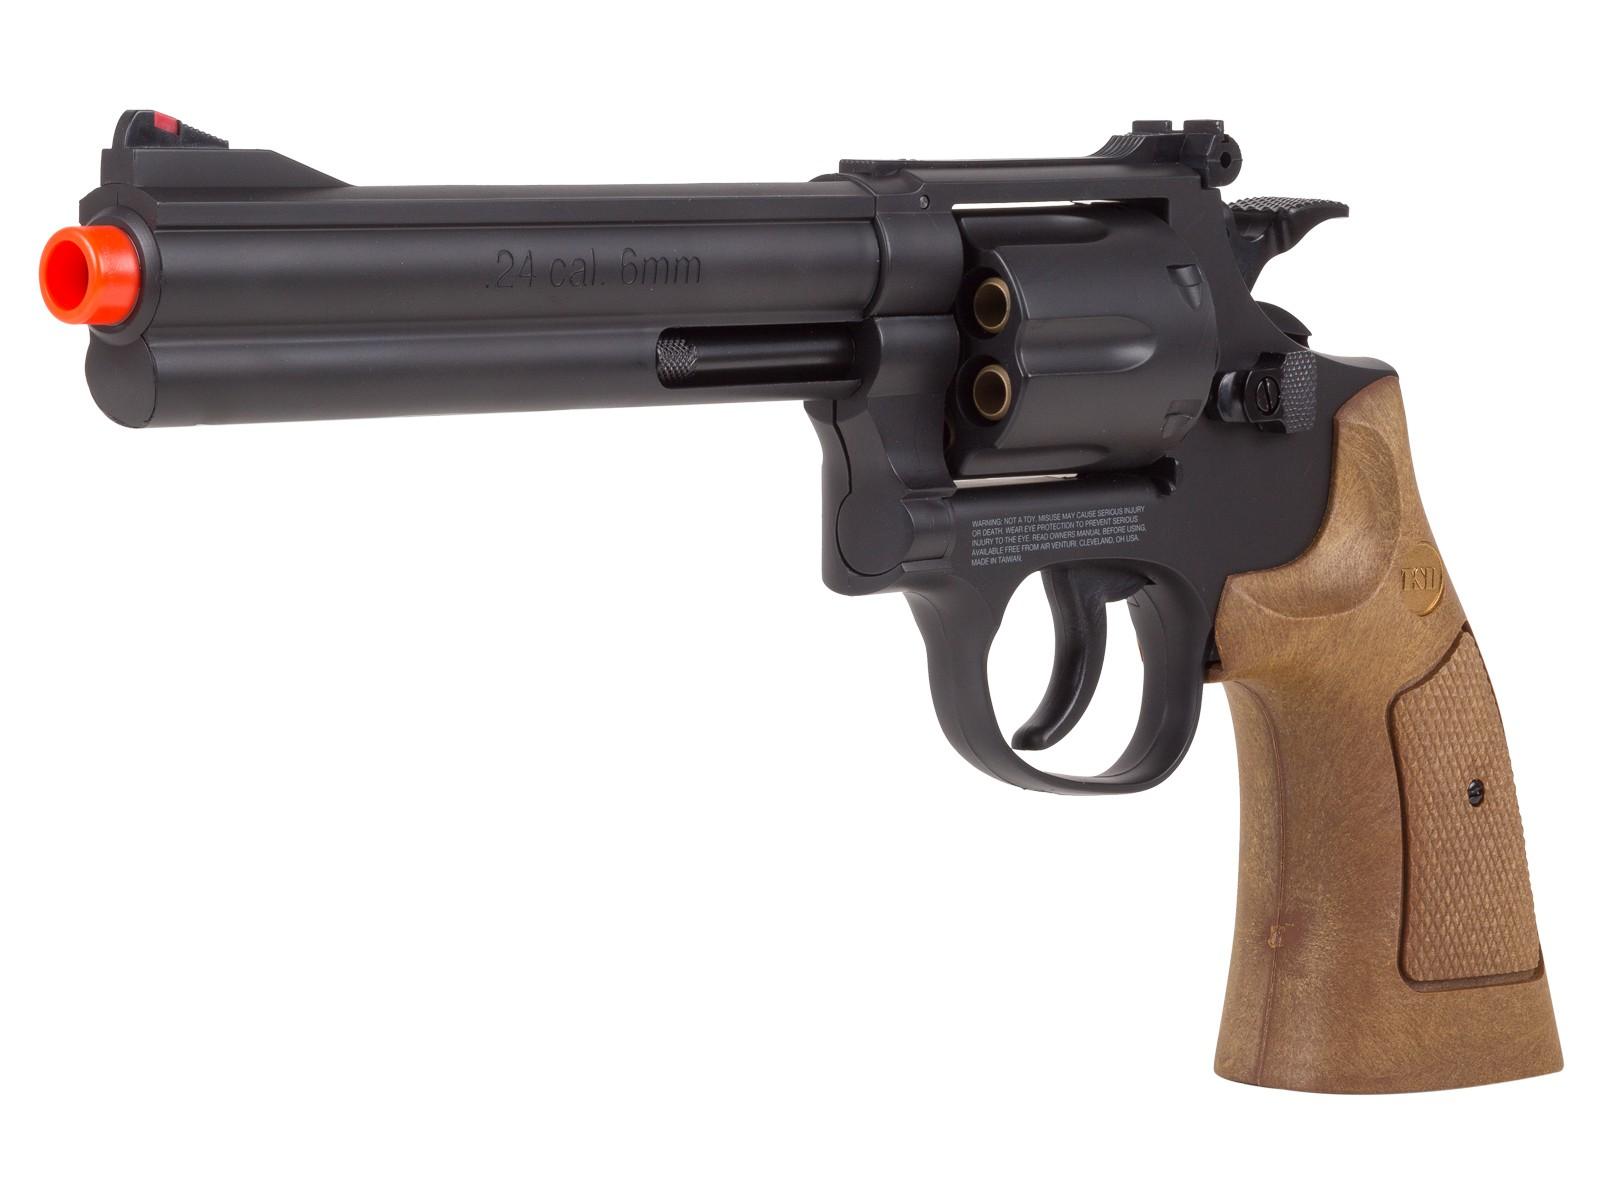 TSD_Sports_Spring_Revolver__6_Barrel_BlackBrown_6mm